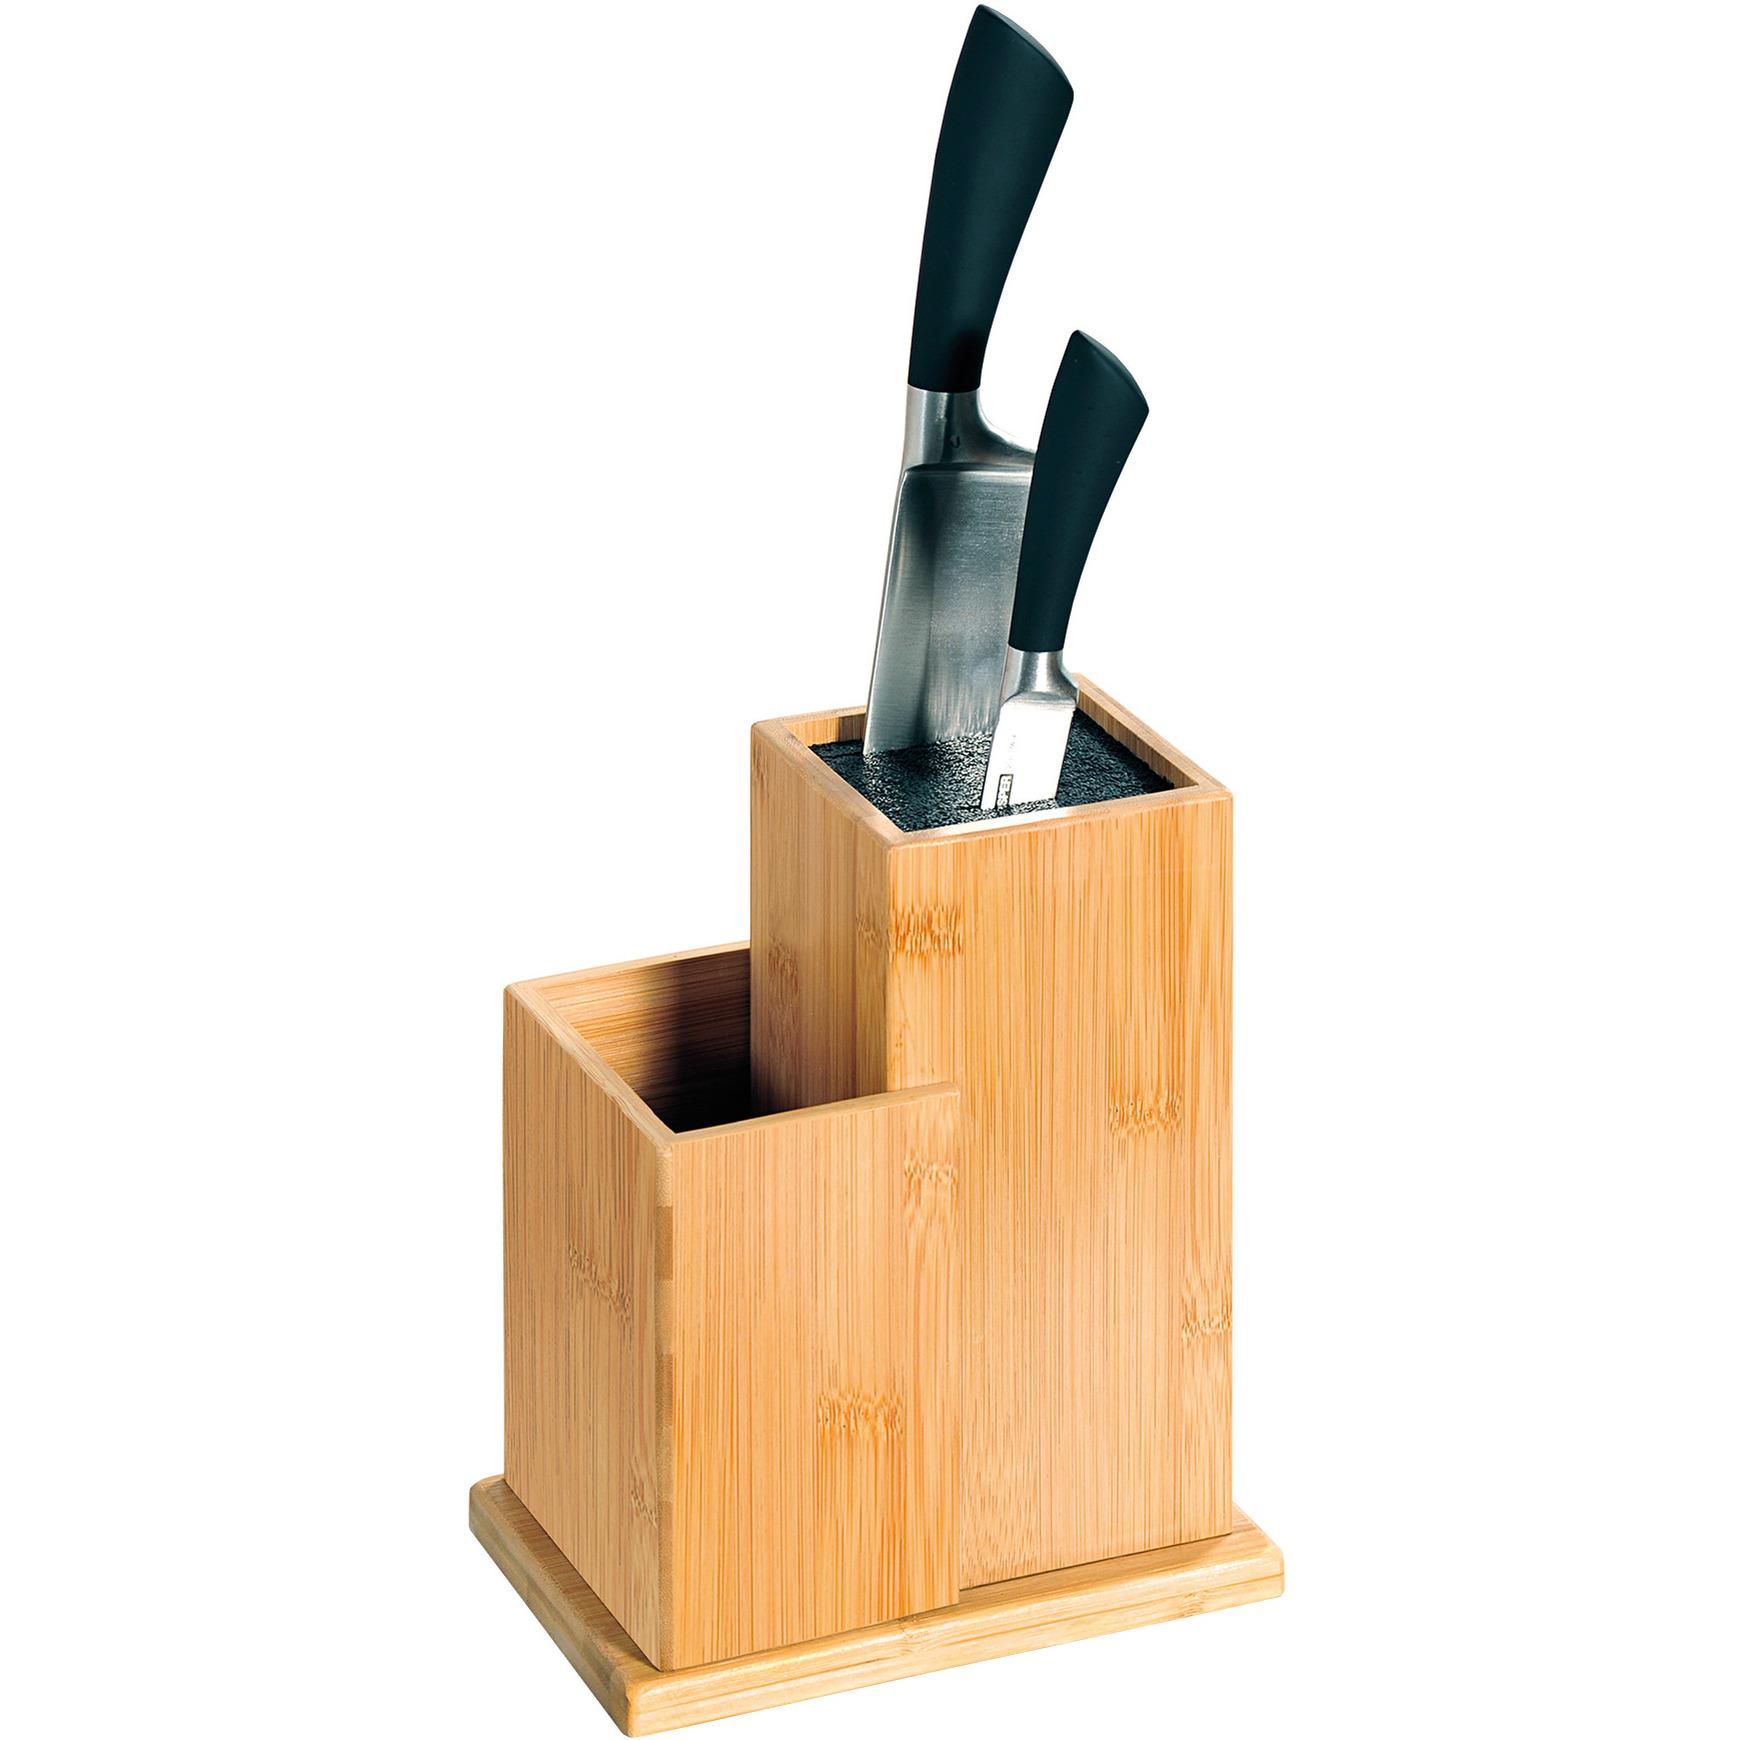 1x Messenblokken-messenhouders 13 x 18 x 24 cm bamboehout met vak voor keukengerei